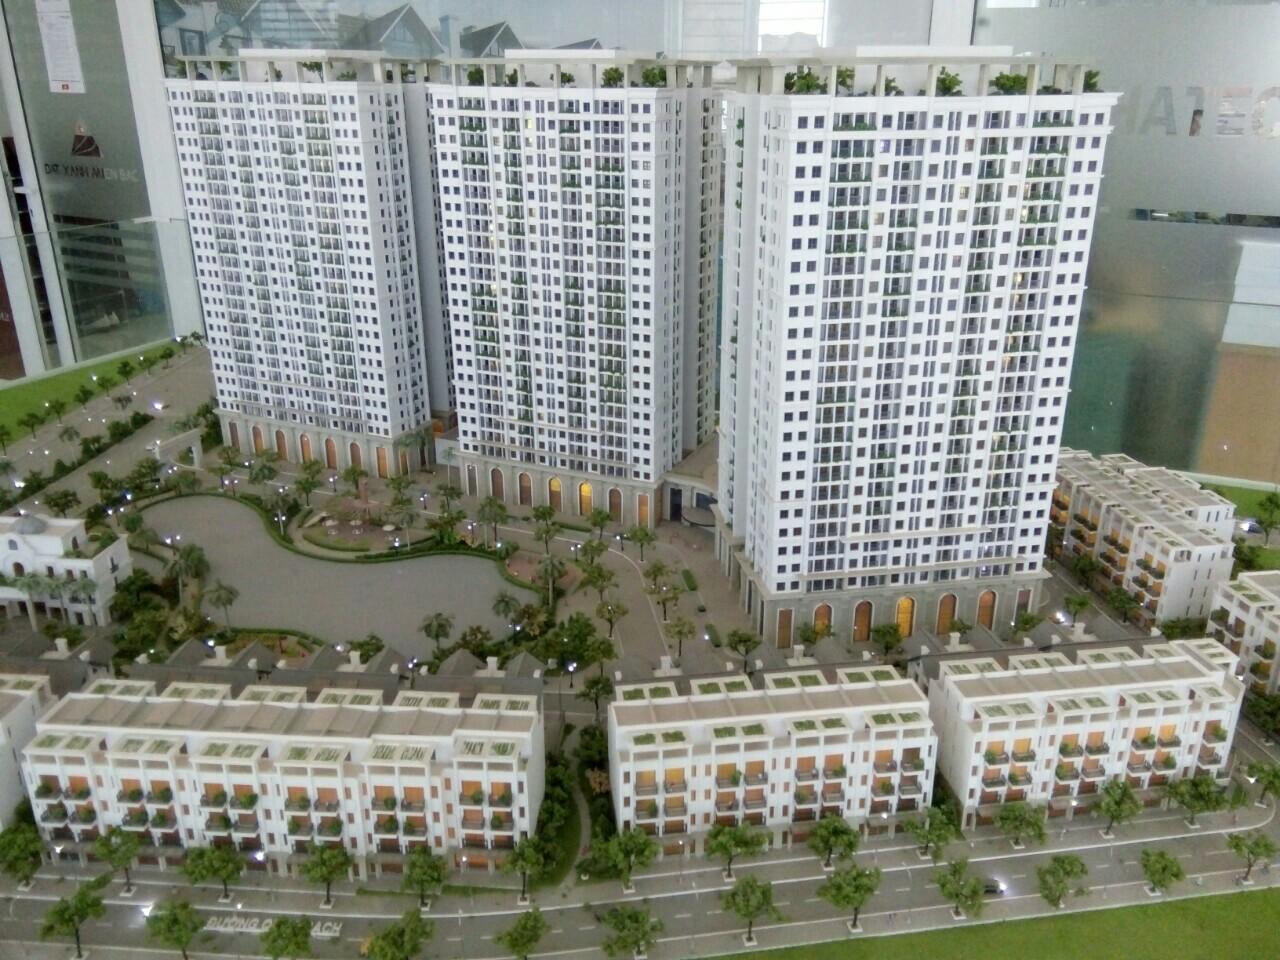 Tiến độ xây dựng thực tế chung cư Hateco Apollo Xuân Phương tháng 5 năm 2018